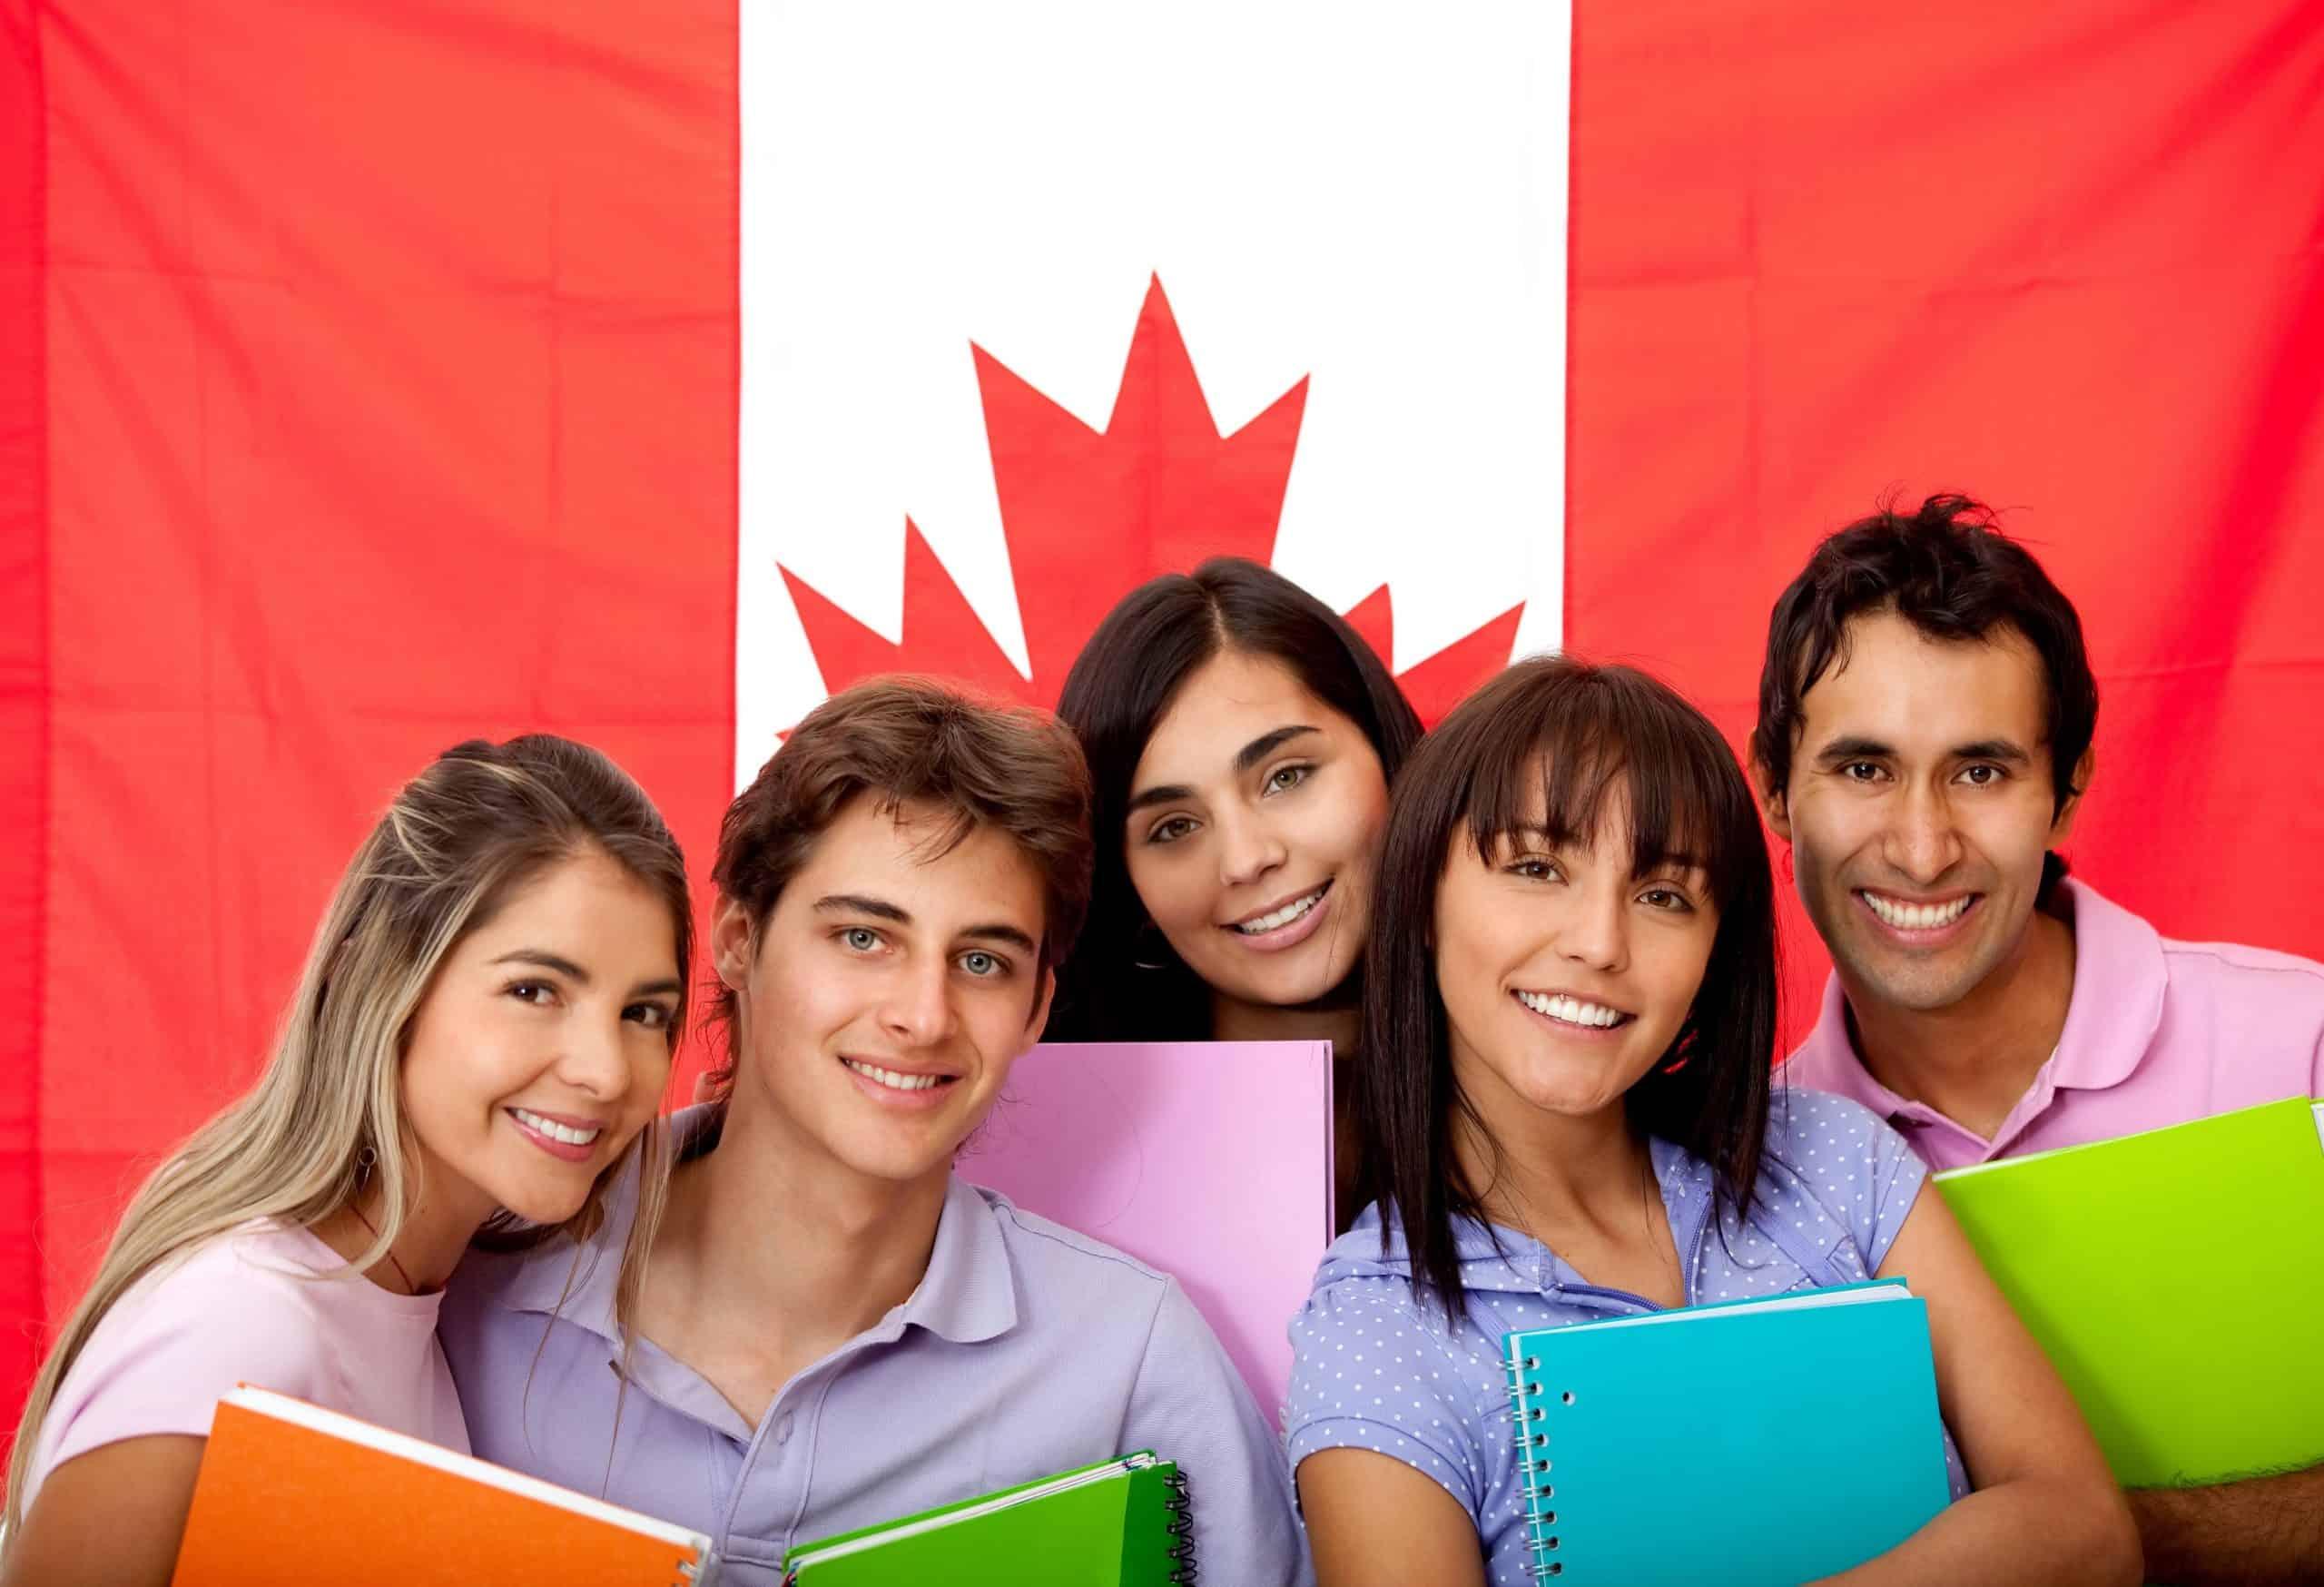 Zor Durumdaki Dil Kursları Güz Dönemi İçin Kanada'ya 40.000 Yabancı Öğrenci Getirmek İstiyor